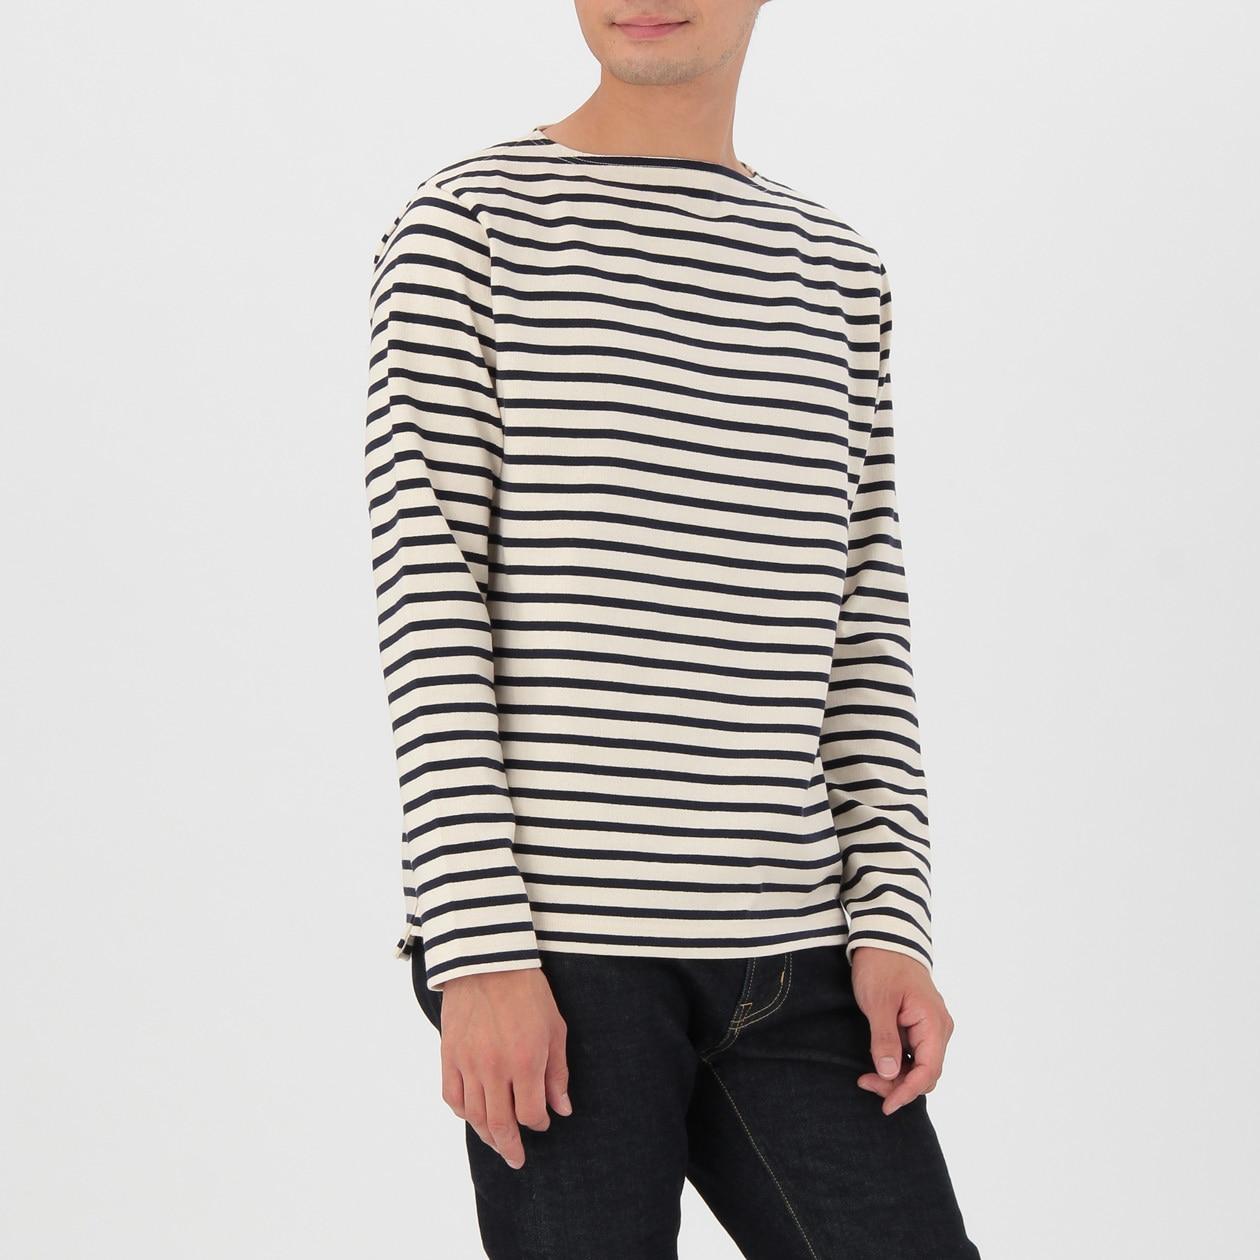 白い半袖のシャツとA.のヒッコリーパンツのコーディネートはすっきりすずしげ。ヒッコリーはオールシーズン着られます。シャツは無印。